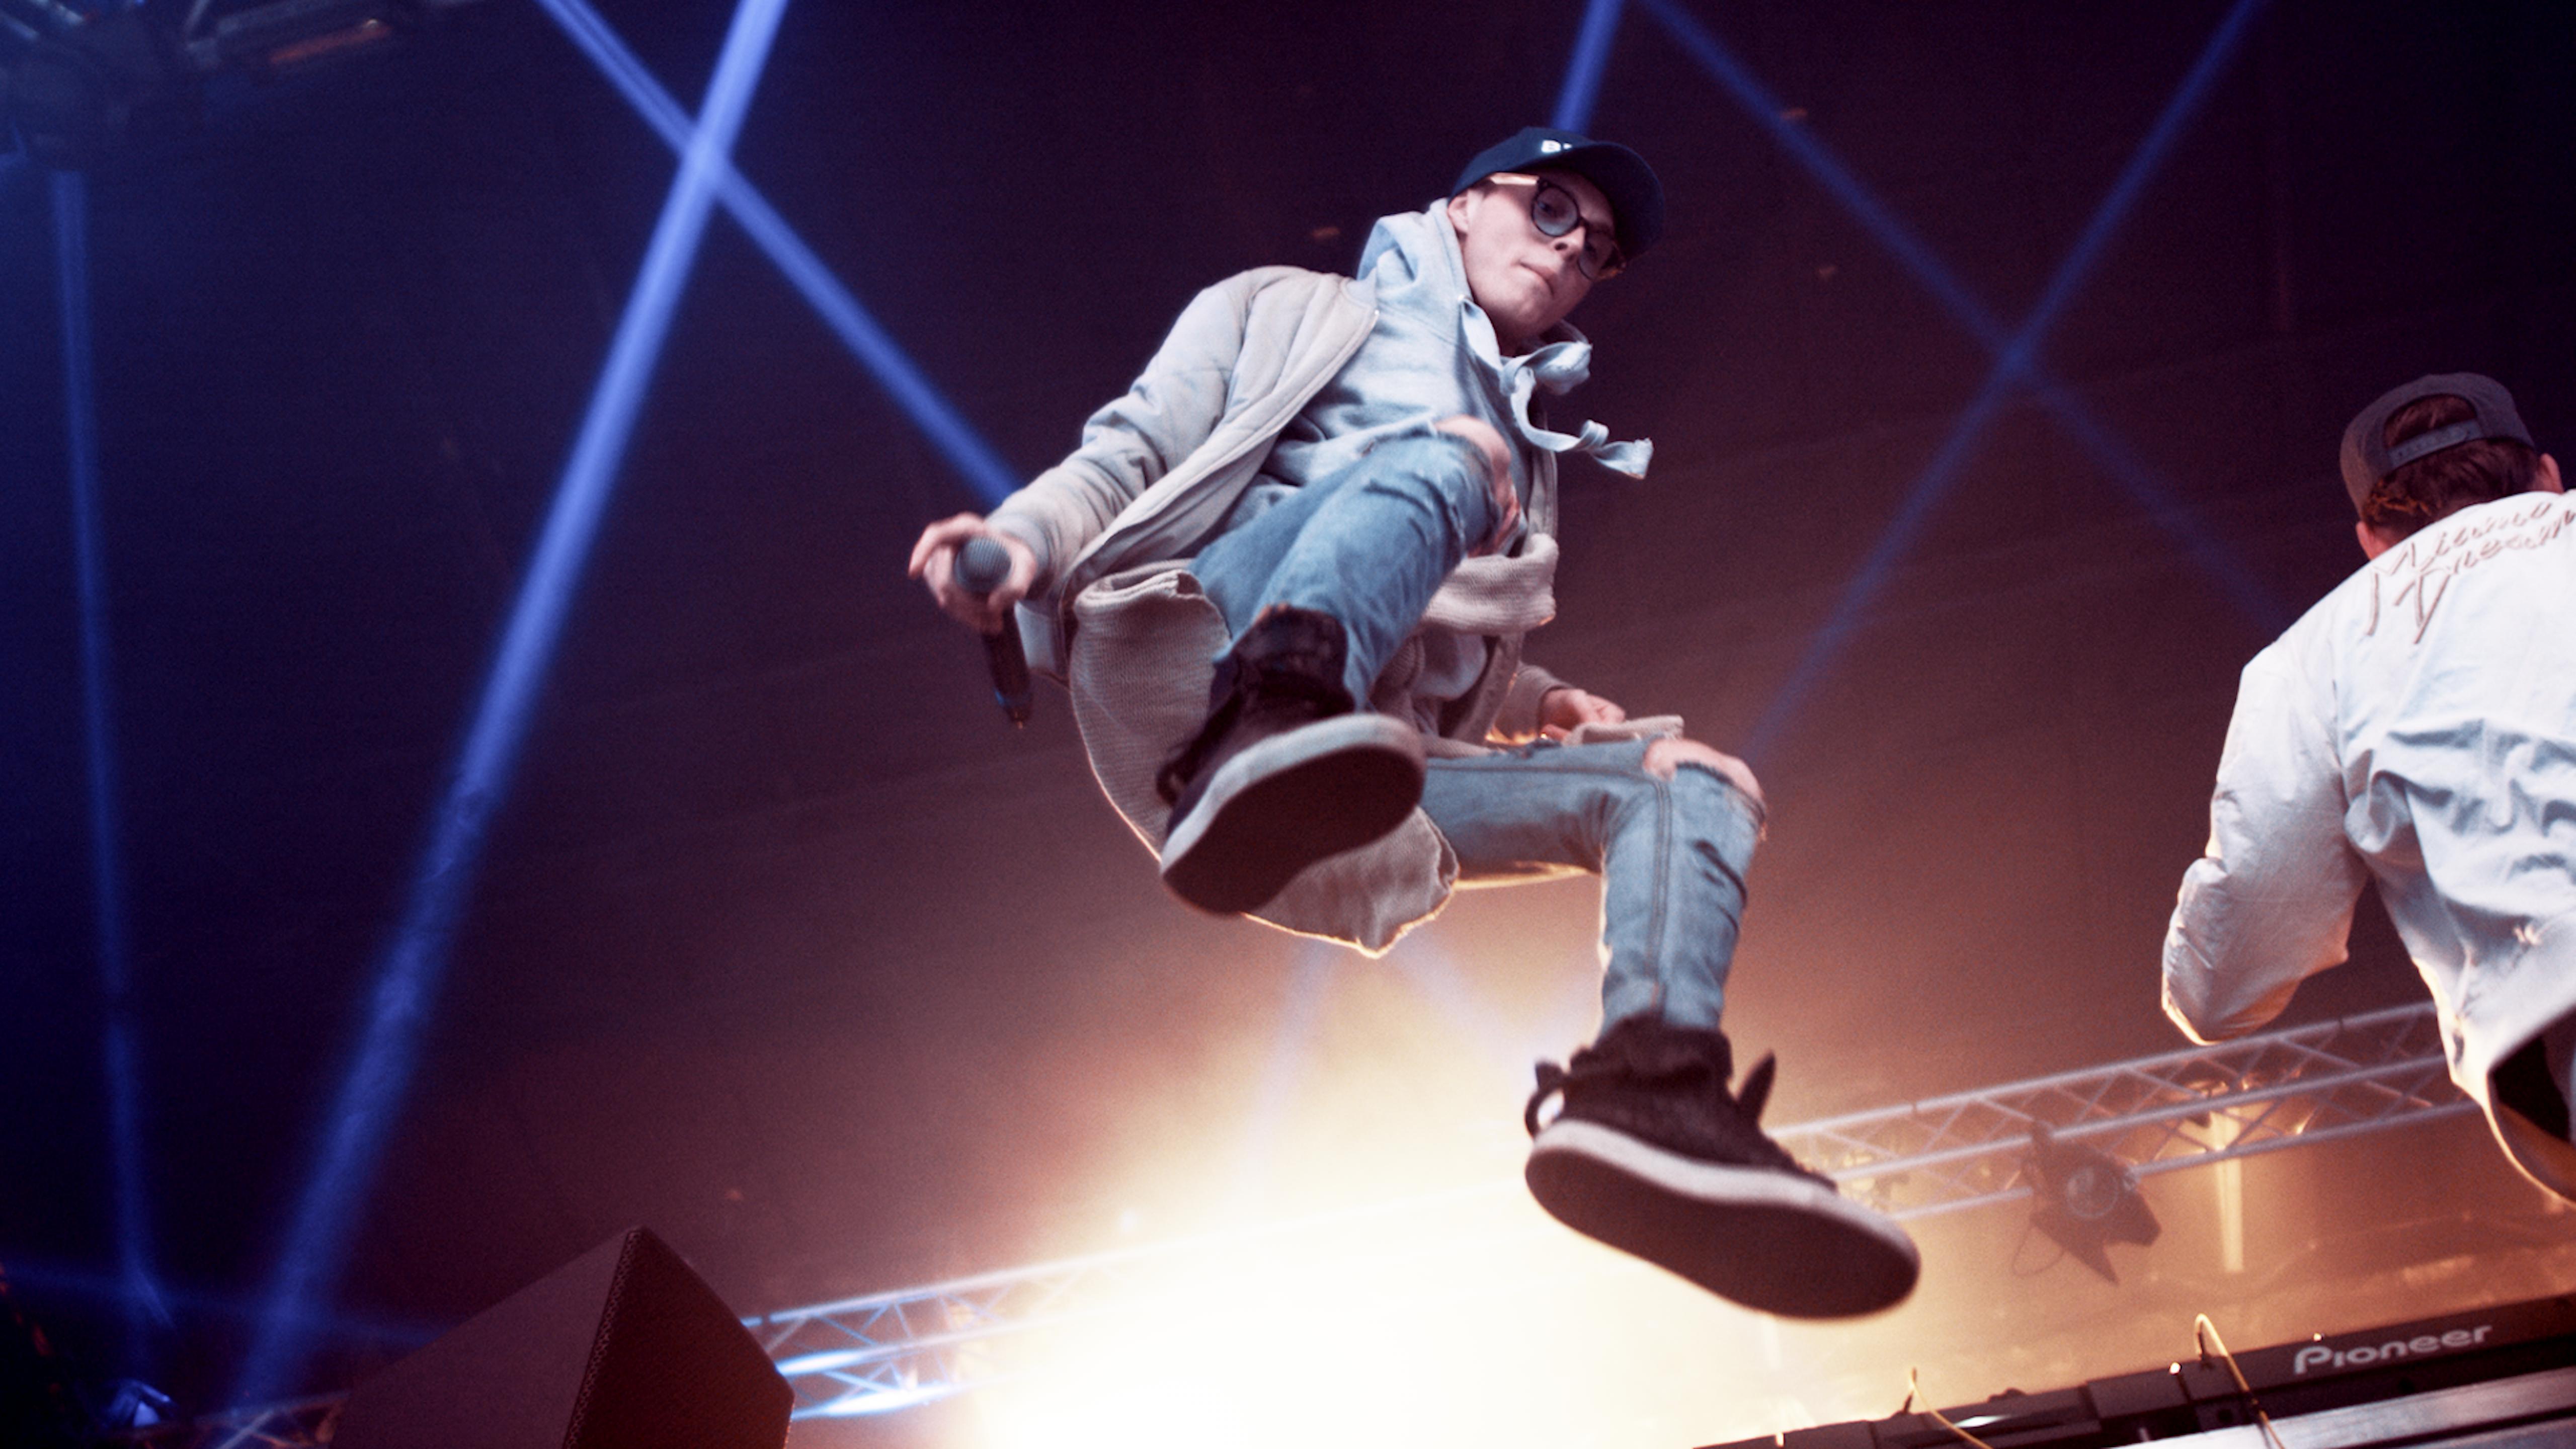 Mikkel Christiansen - Broiler Jump